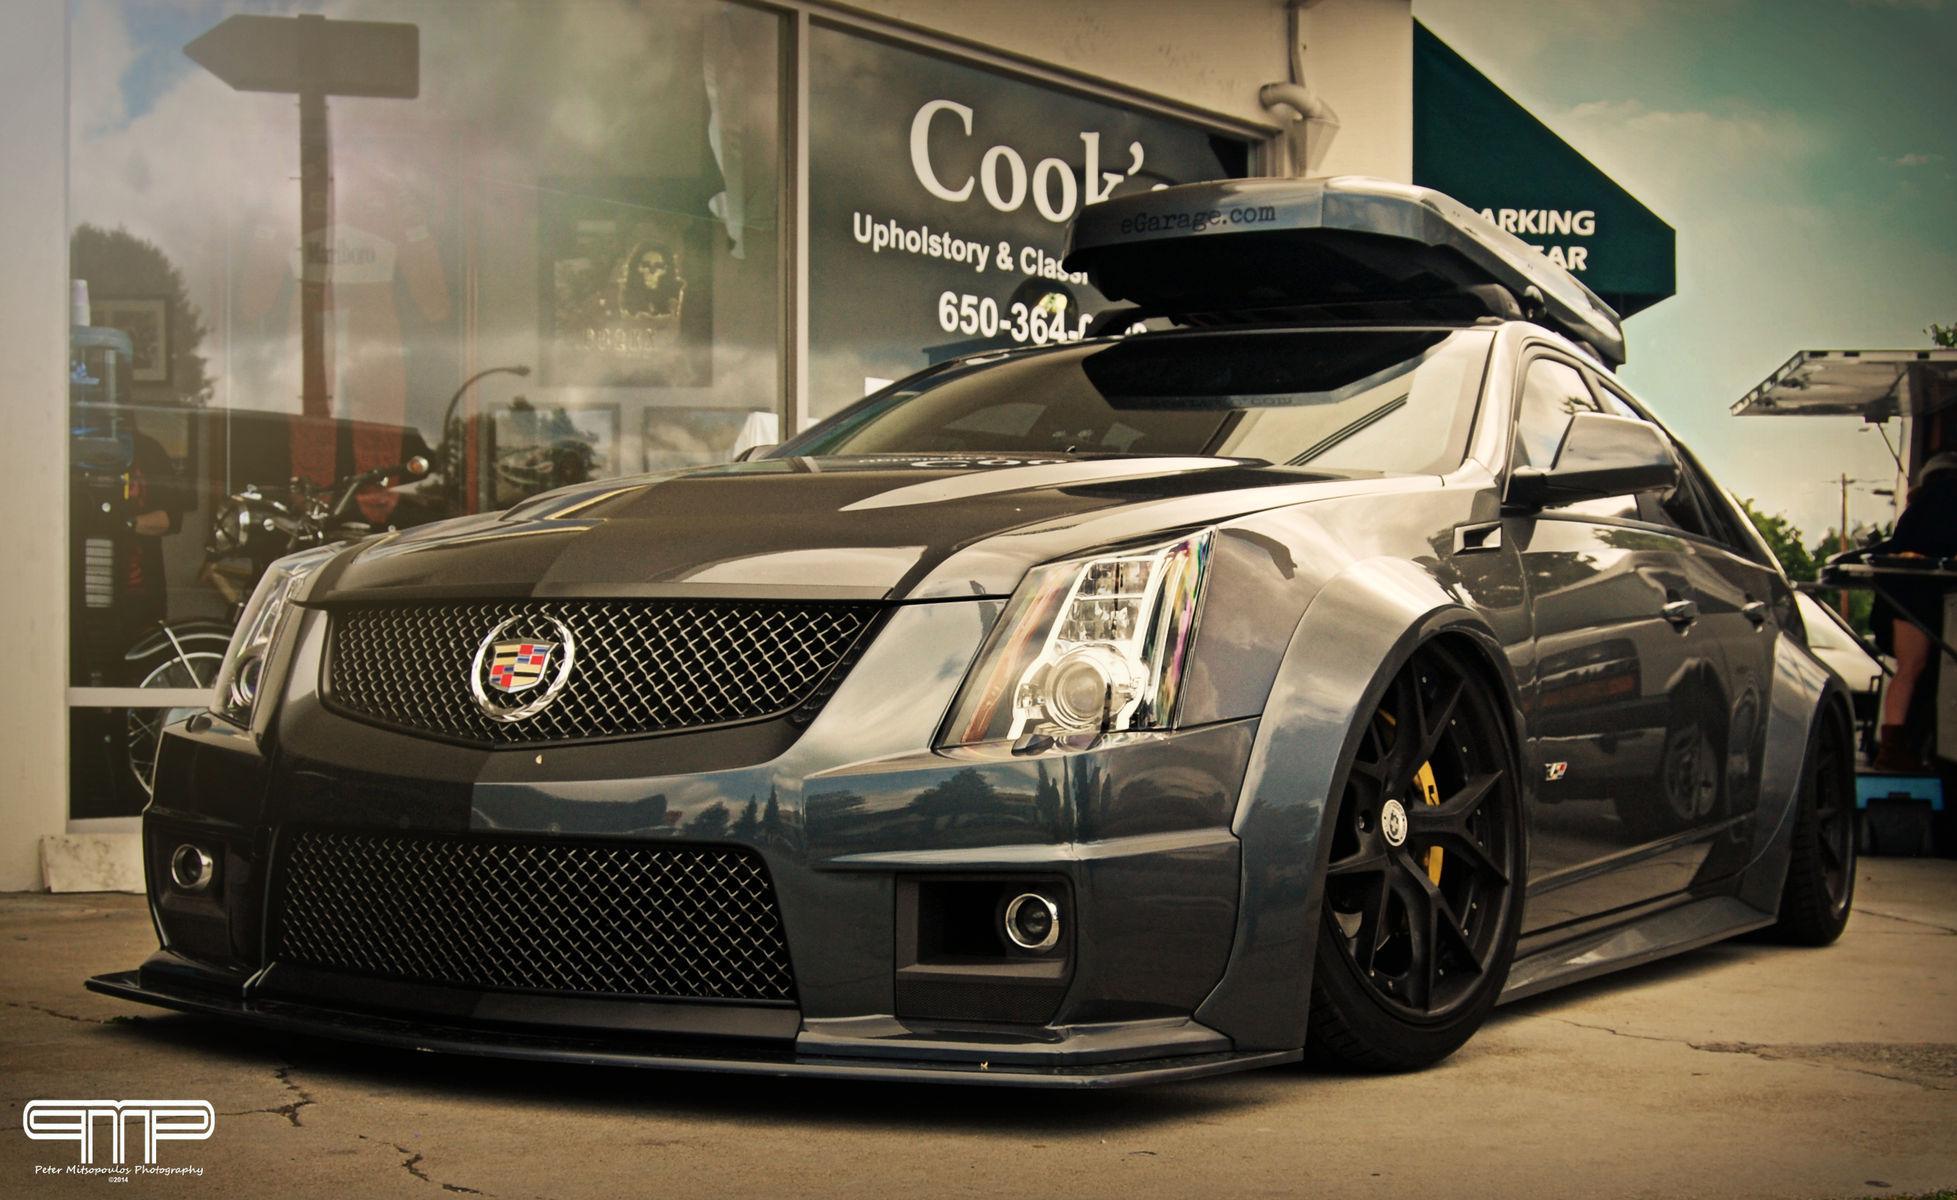 Cadillac CTS-V Wagon | Cadillac CTS-V Widebody Wagon